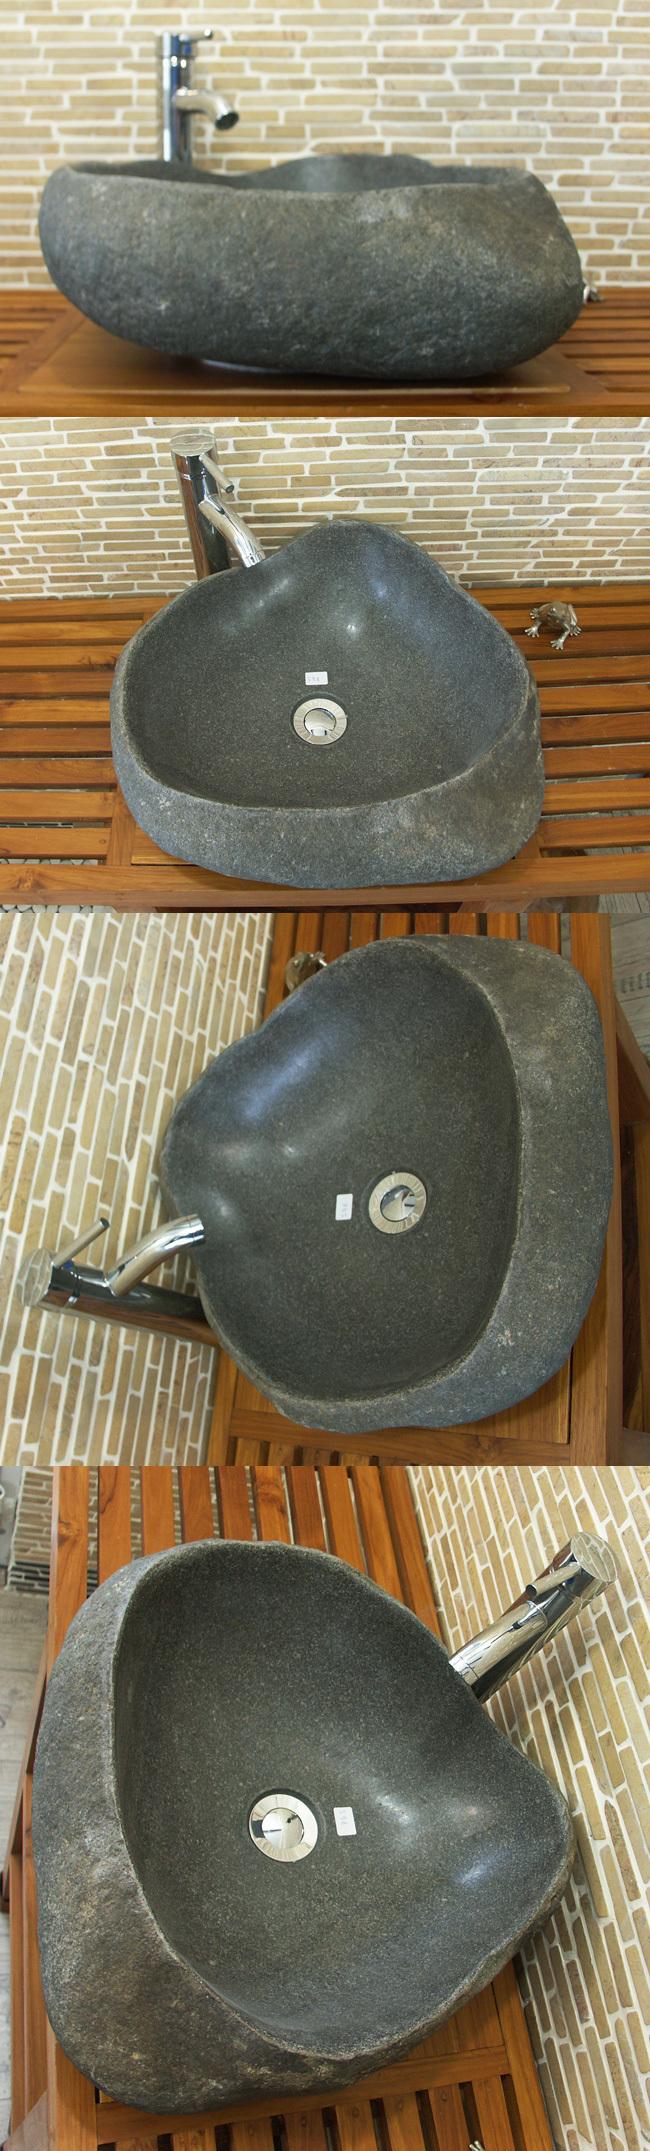 waschbecken aus flussstein bafs 59e ein unikat f r ihr bad. Black Bedroom Furniture Sets. Home Design Ideas